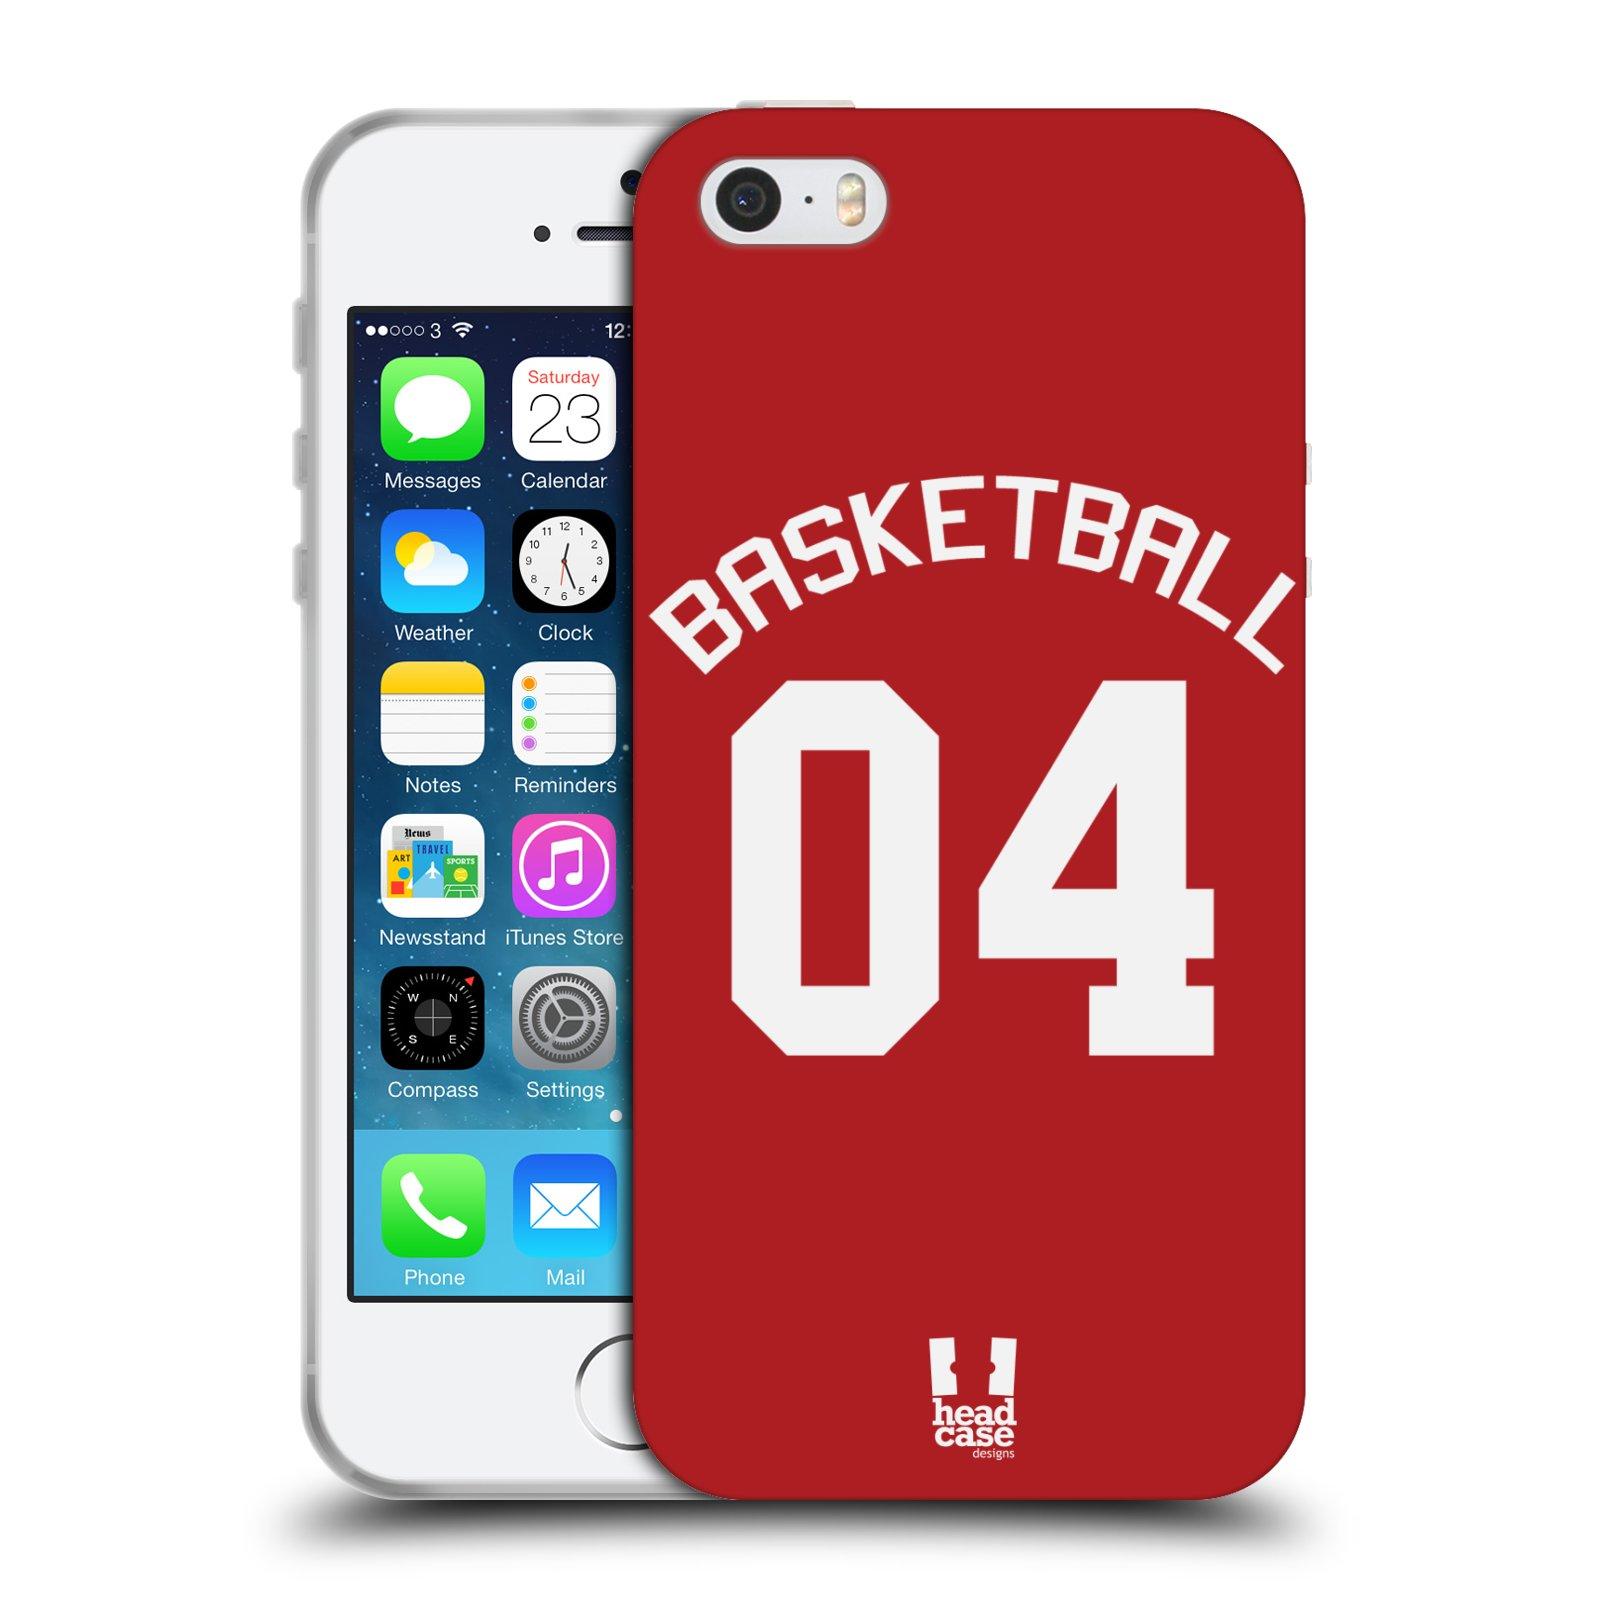 HEAD CASE silikonový obal na mobil Apple Iphone 5/5S Sportovní dres Basketbal červený